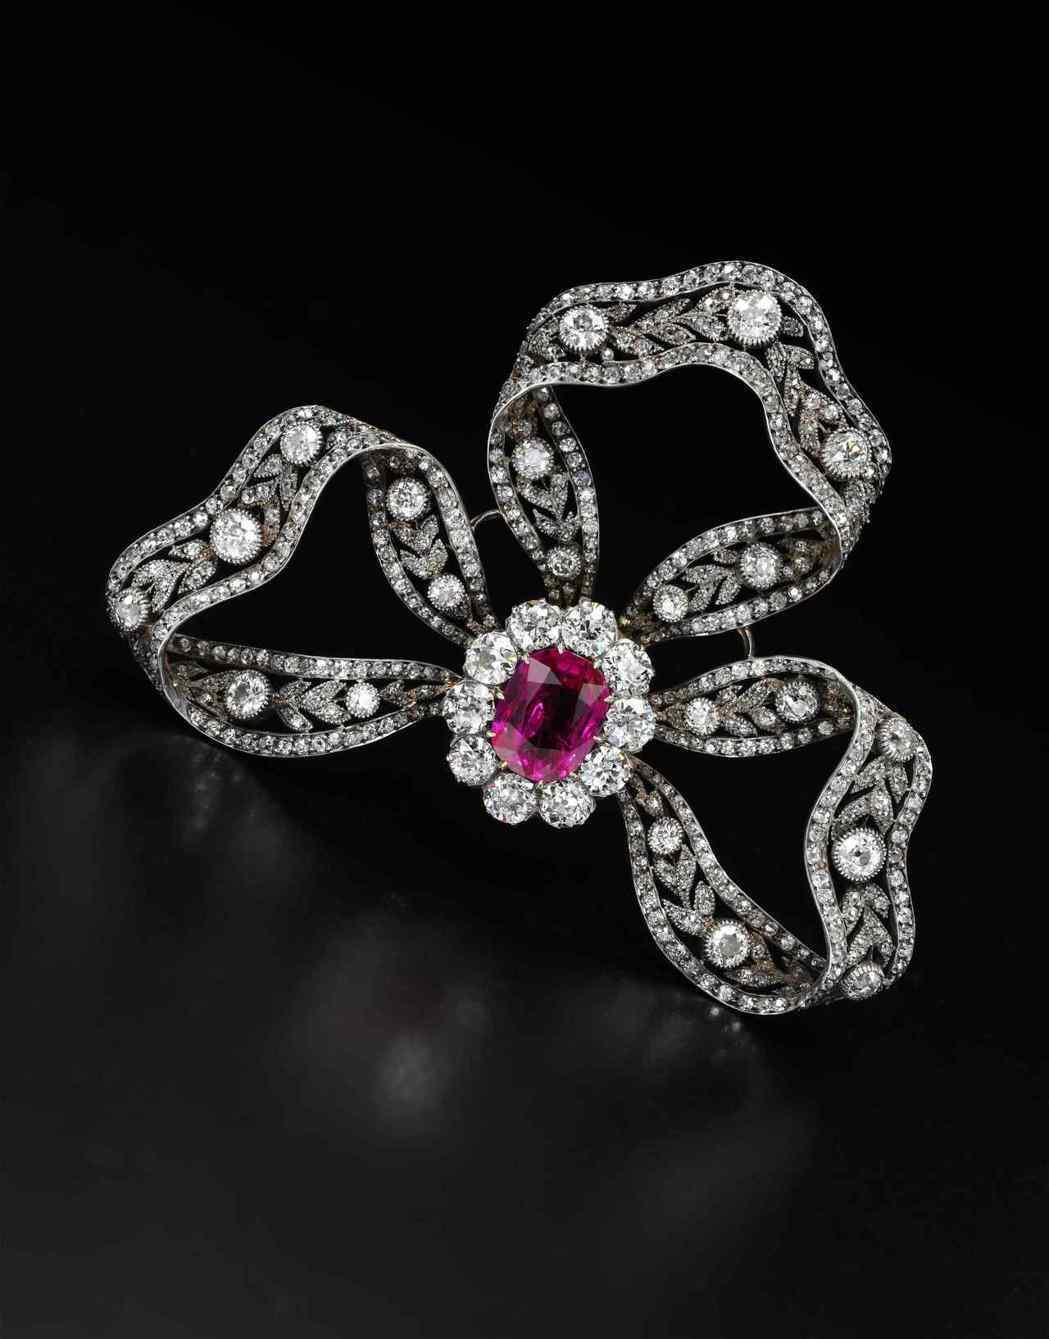 奧地利大公爵菲德烈贈禮的紅寶石與鑽石胸針,可當作髮飾配戴,約1900年製作。估價...